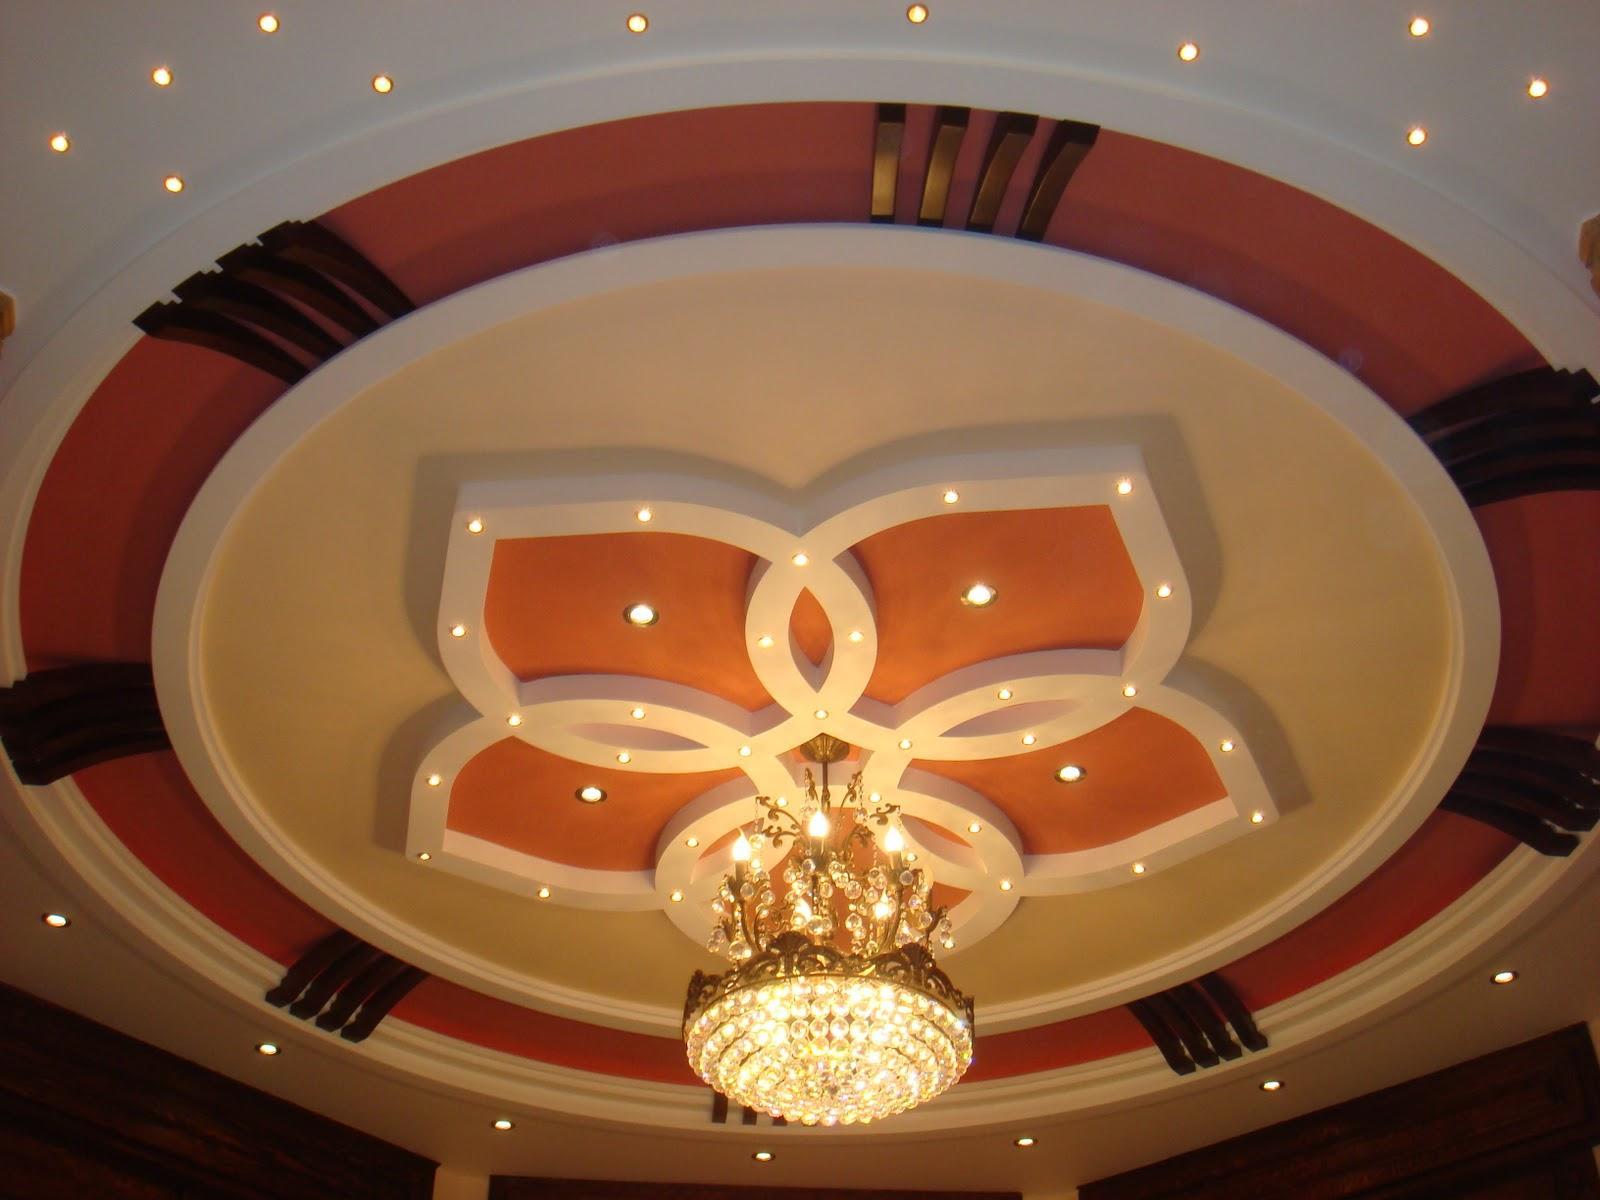 лабиринтах старого красивые фигурные потолки из гипсокартона фото этом разделе